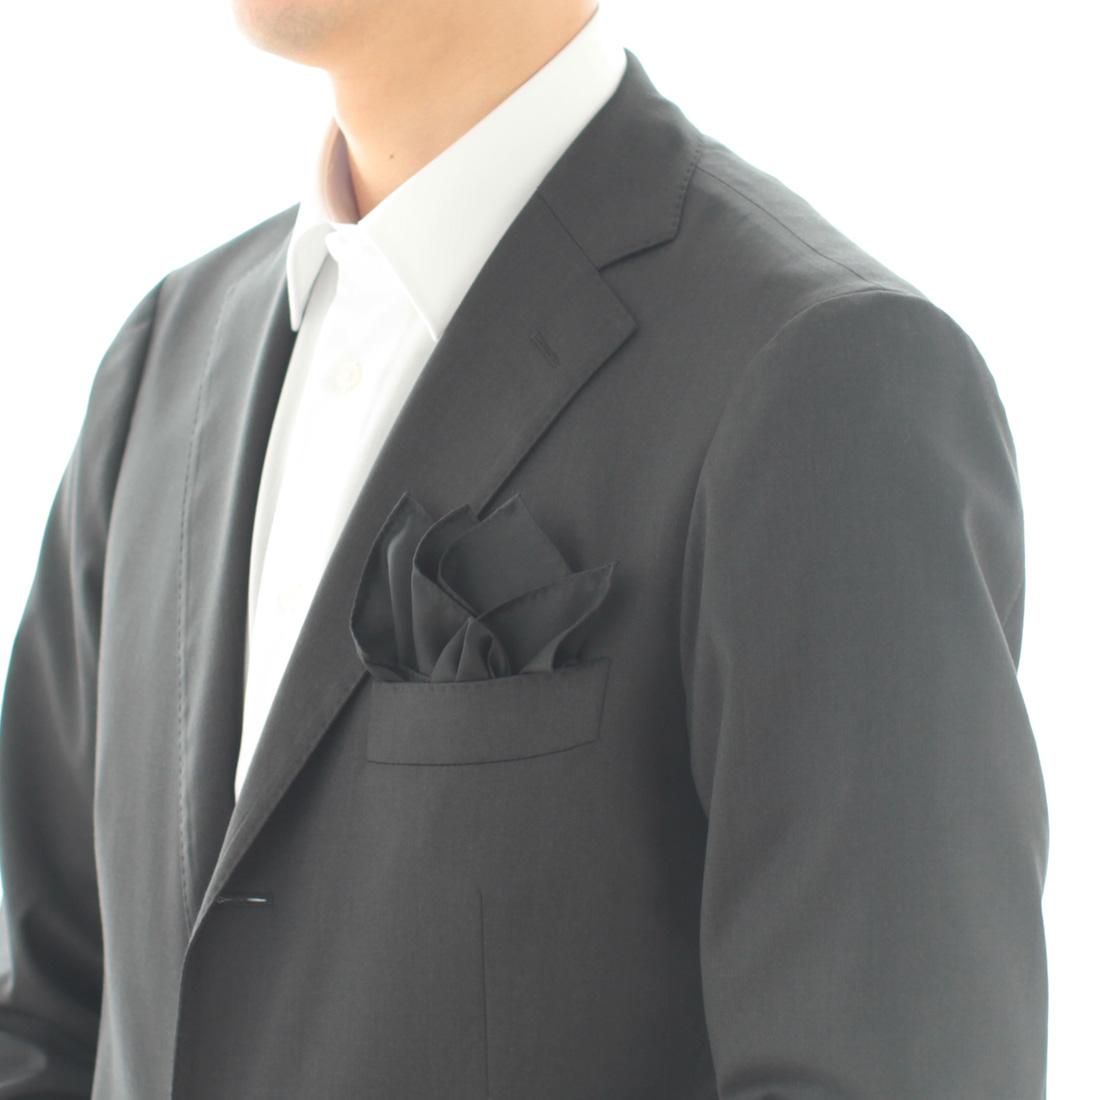 ポケットチーフ 無地 5251 ブラック